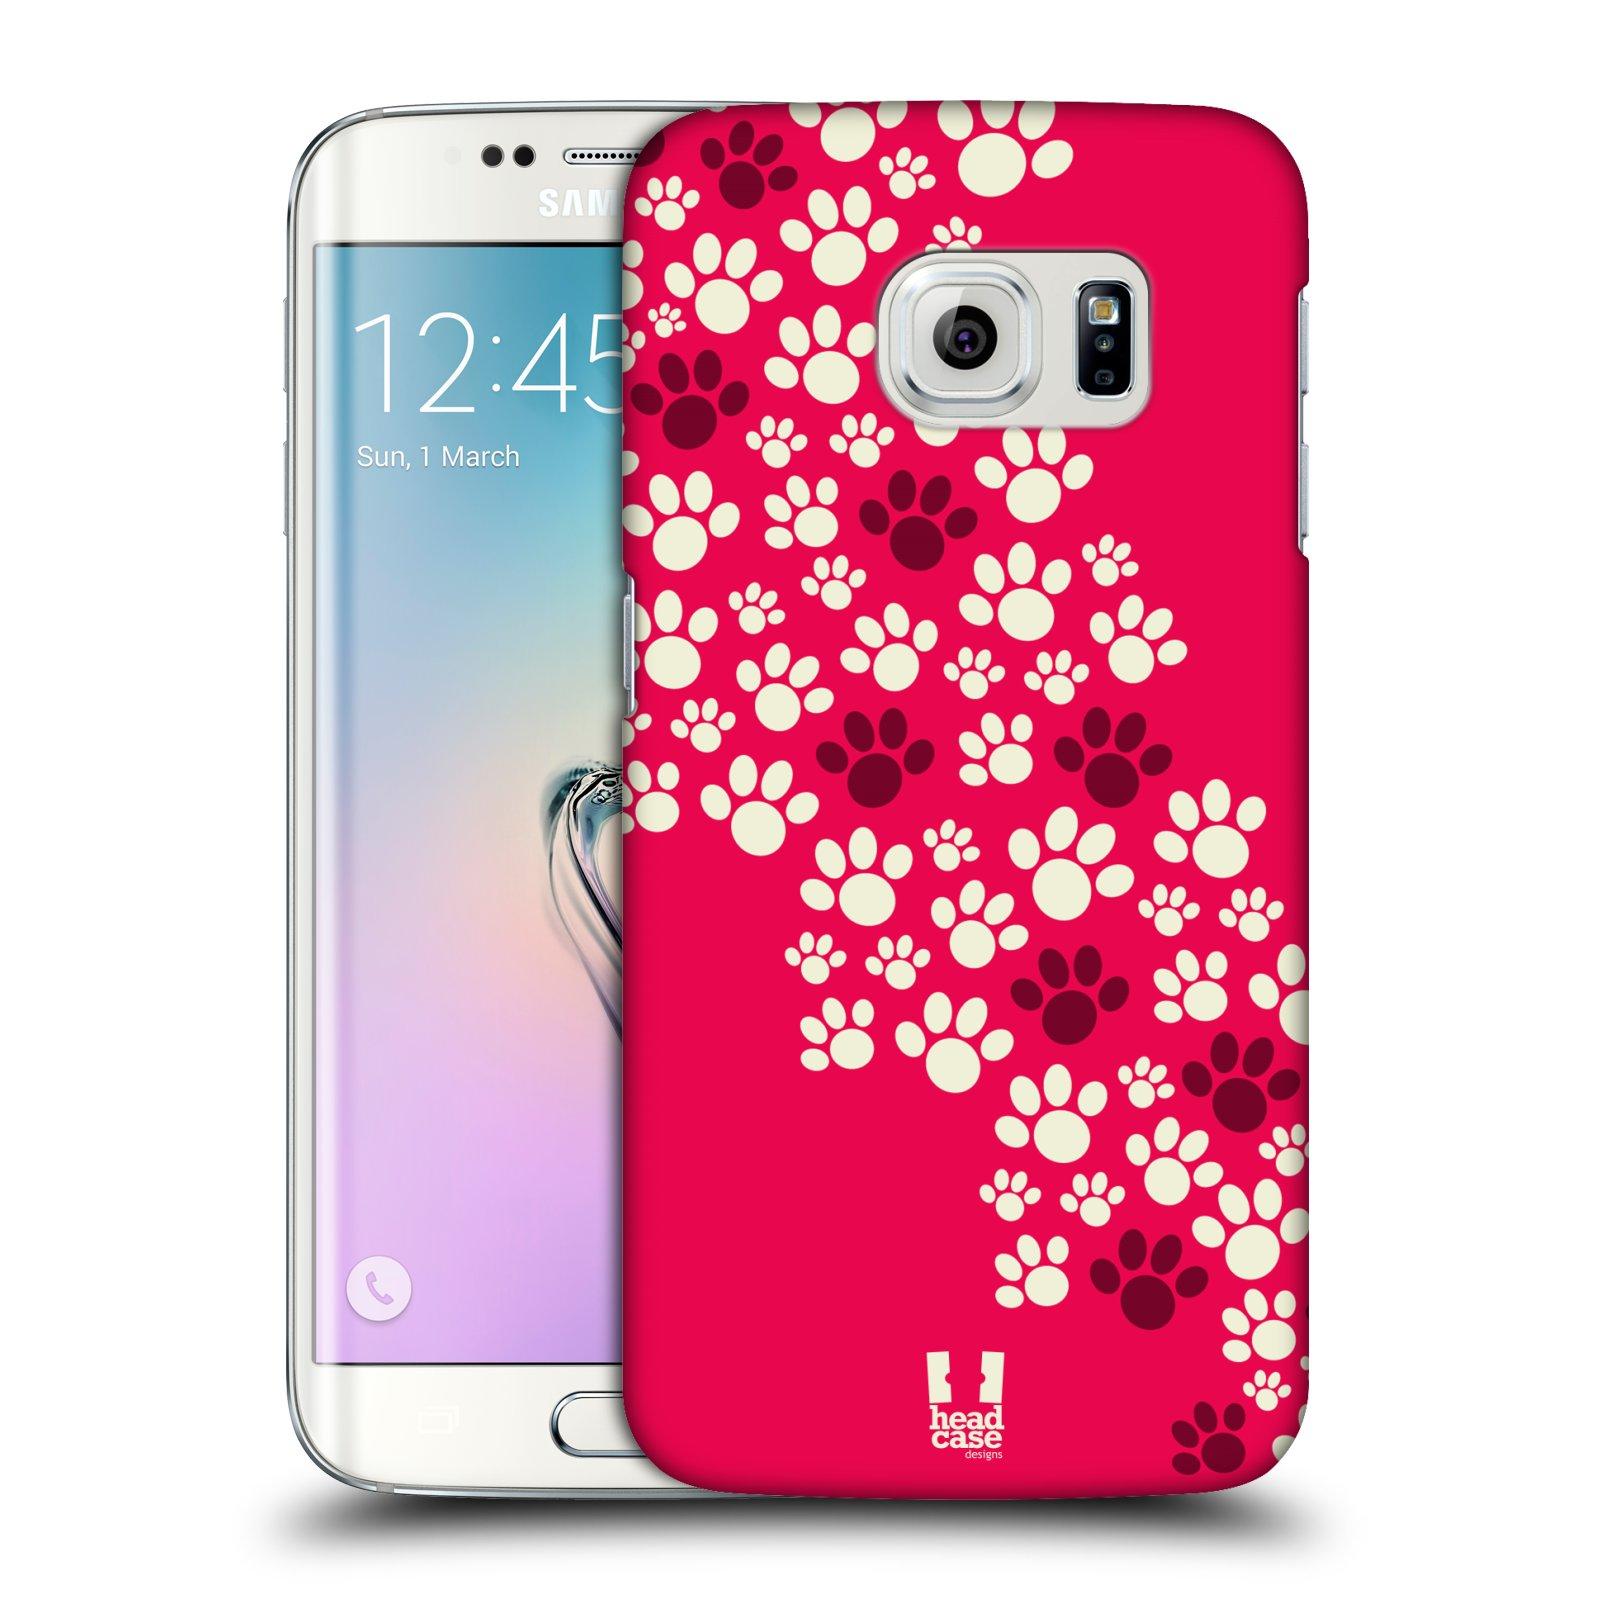 Plastové pouzdro na mobil Samsung Galaxy S6 Edge HEAD CASE TLAPKY RŮŽOVÉ (Kryt či obal na mobilní telefon Samsung Galaxy S6 Edge SM-G925F)